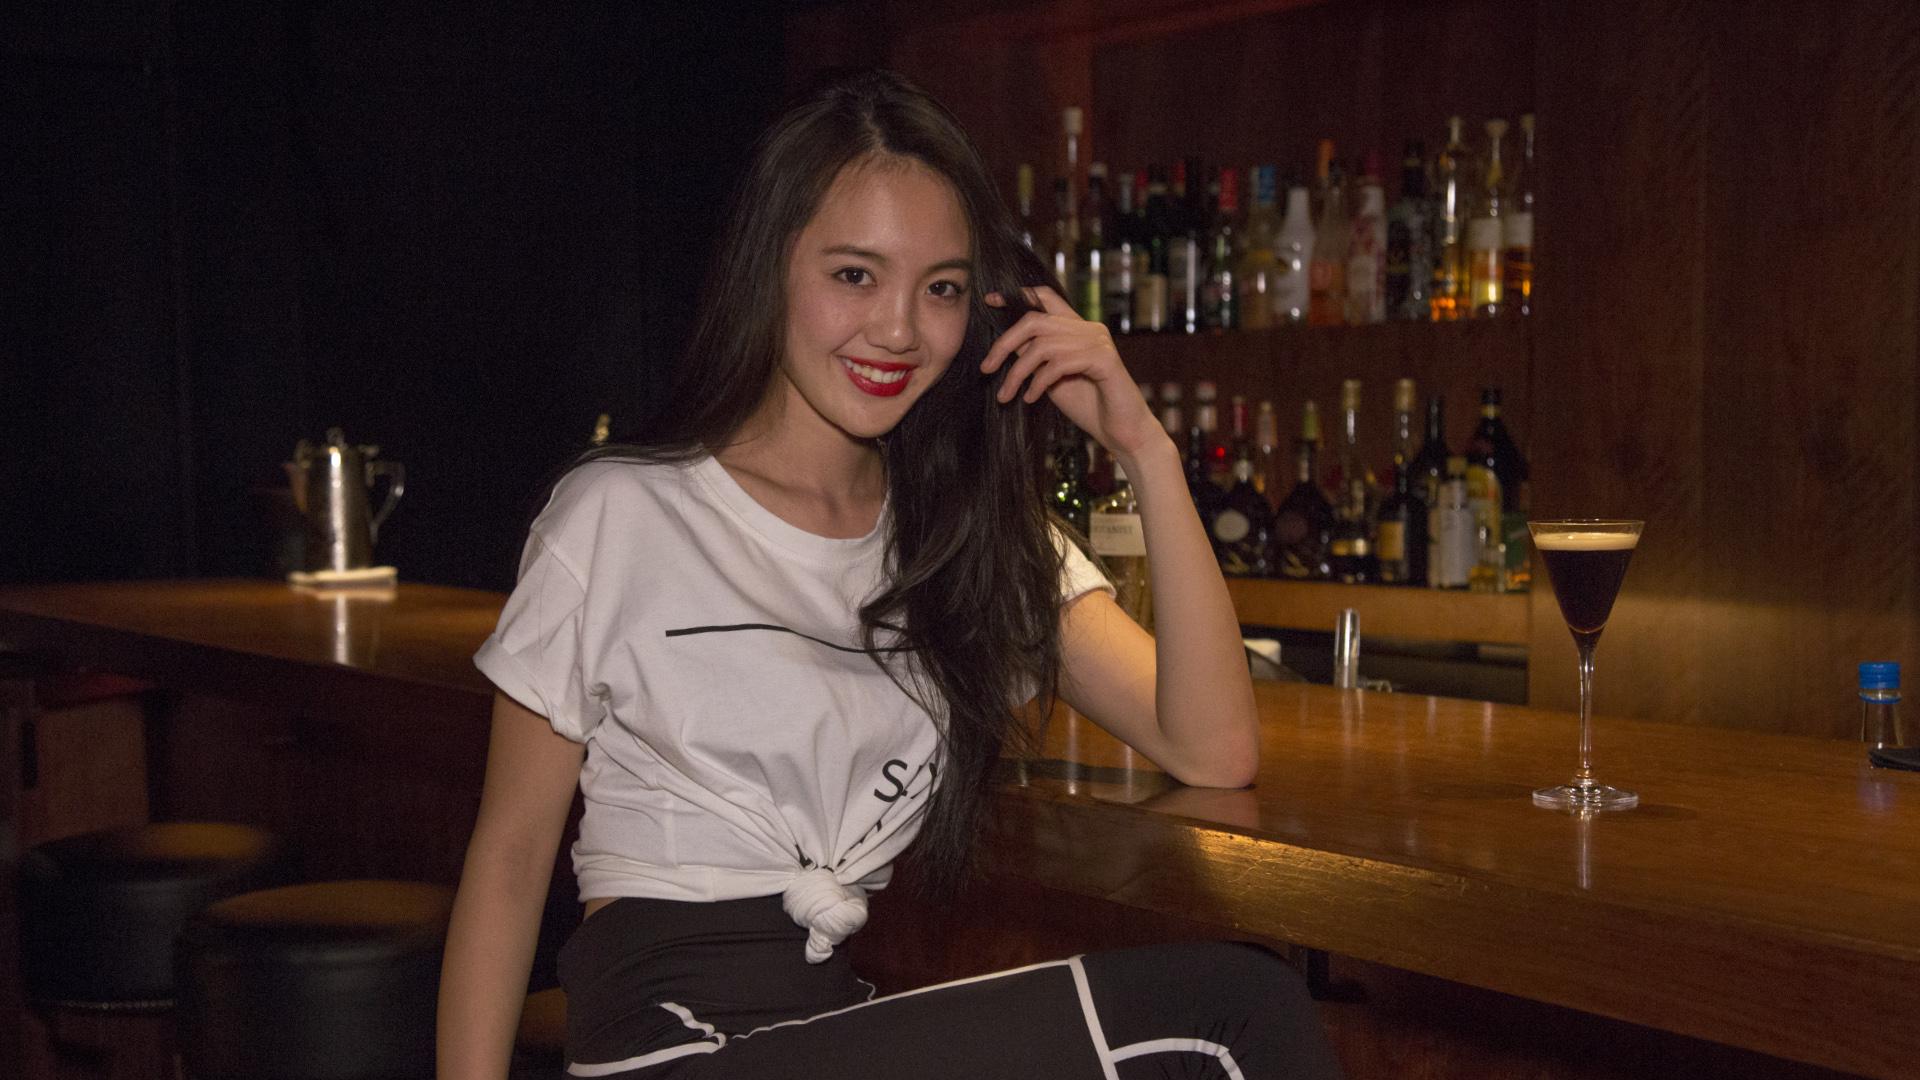 酒と街とマスターと女vol.17/暖炉でくつろぐ【渋谷】Bar VALLEY